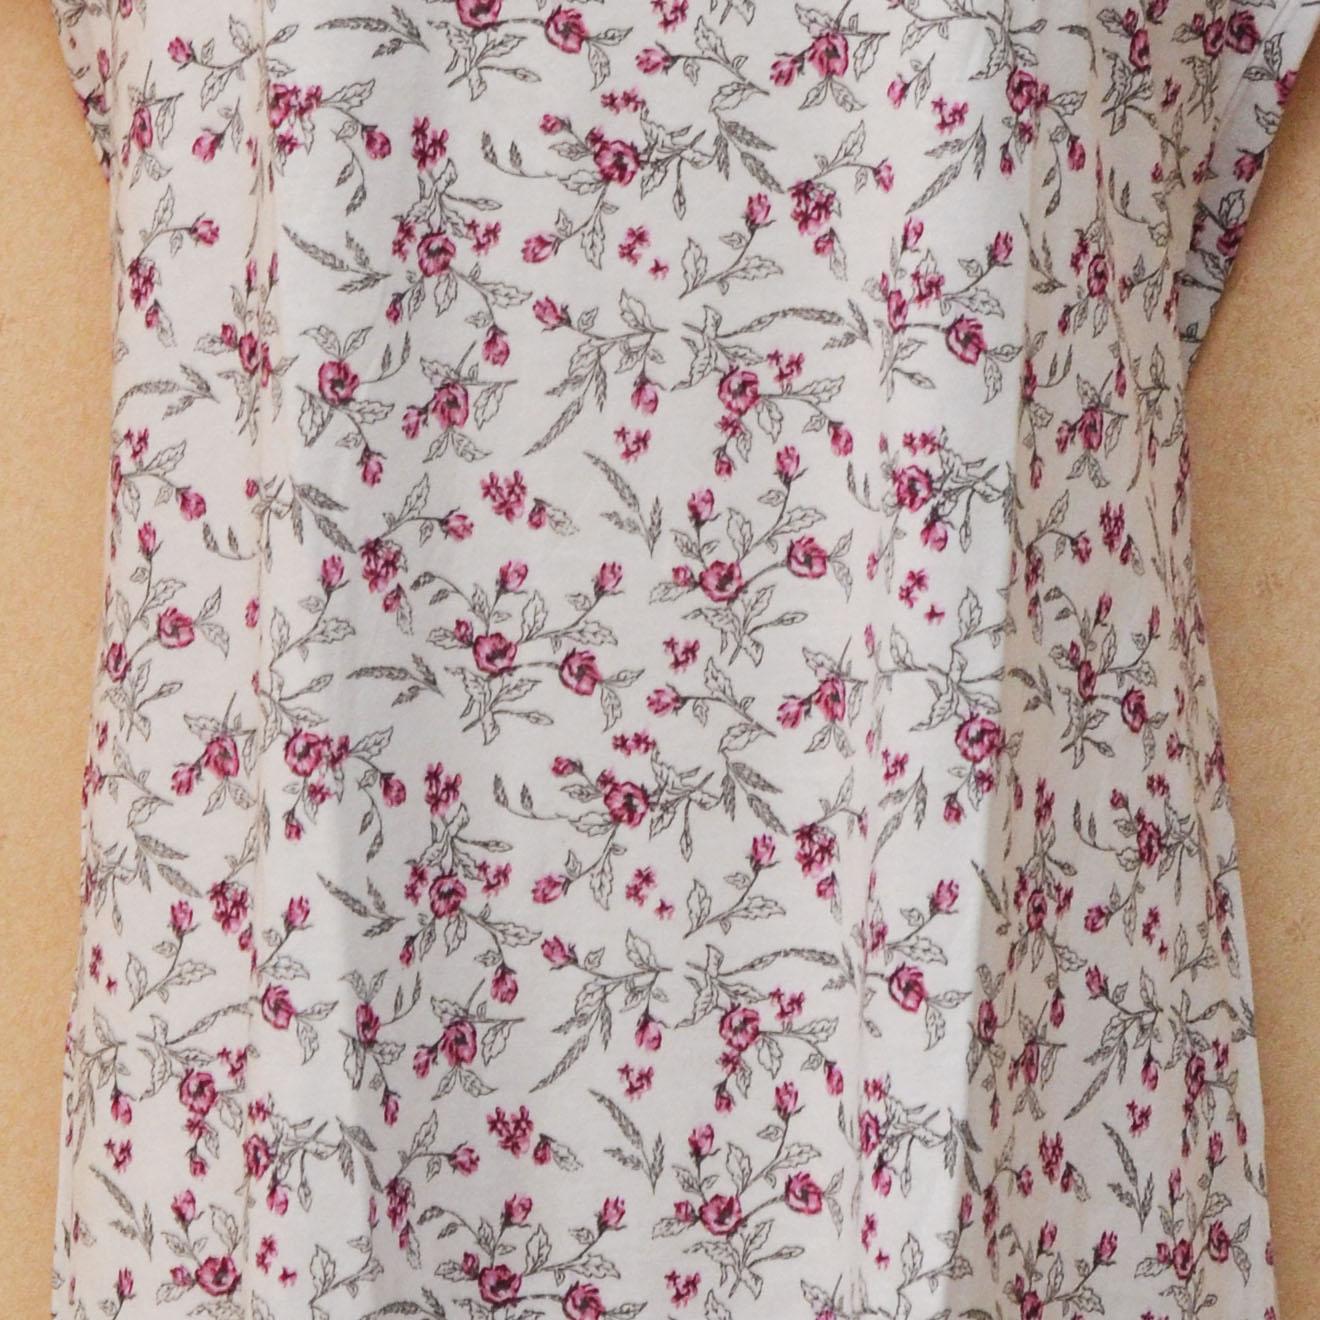 Baju Daster Motif Panjang Daftar Harga Terlengkap Indonesia Longdress Lengan Cantik Dingin Source Tidur Pakaian Wanita